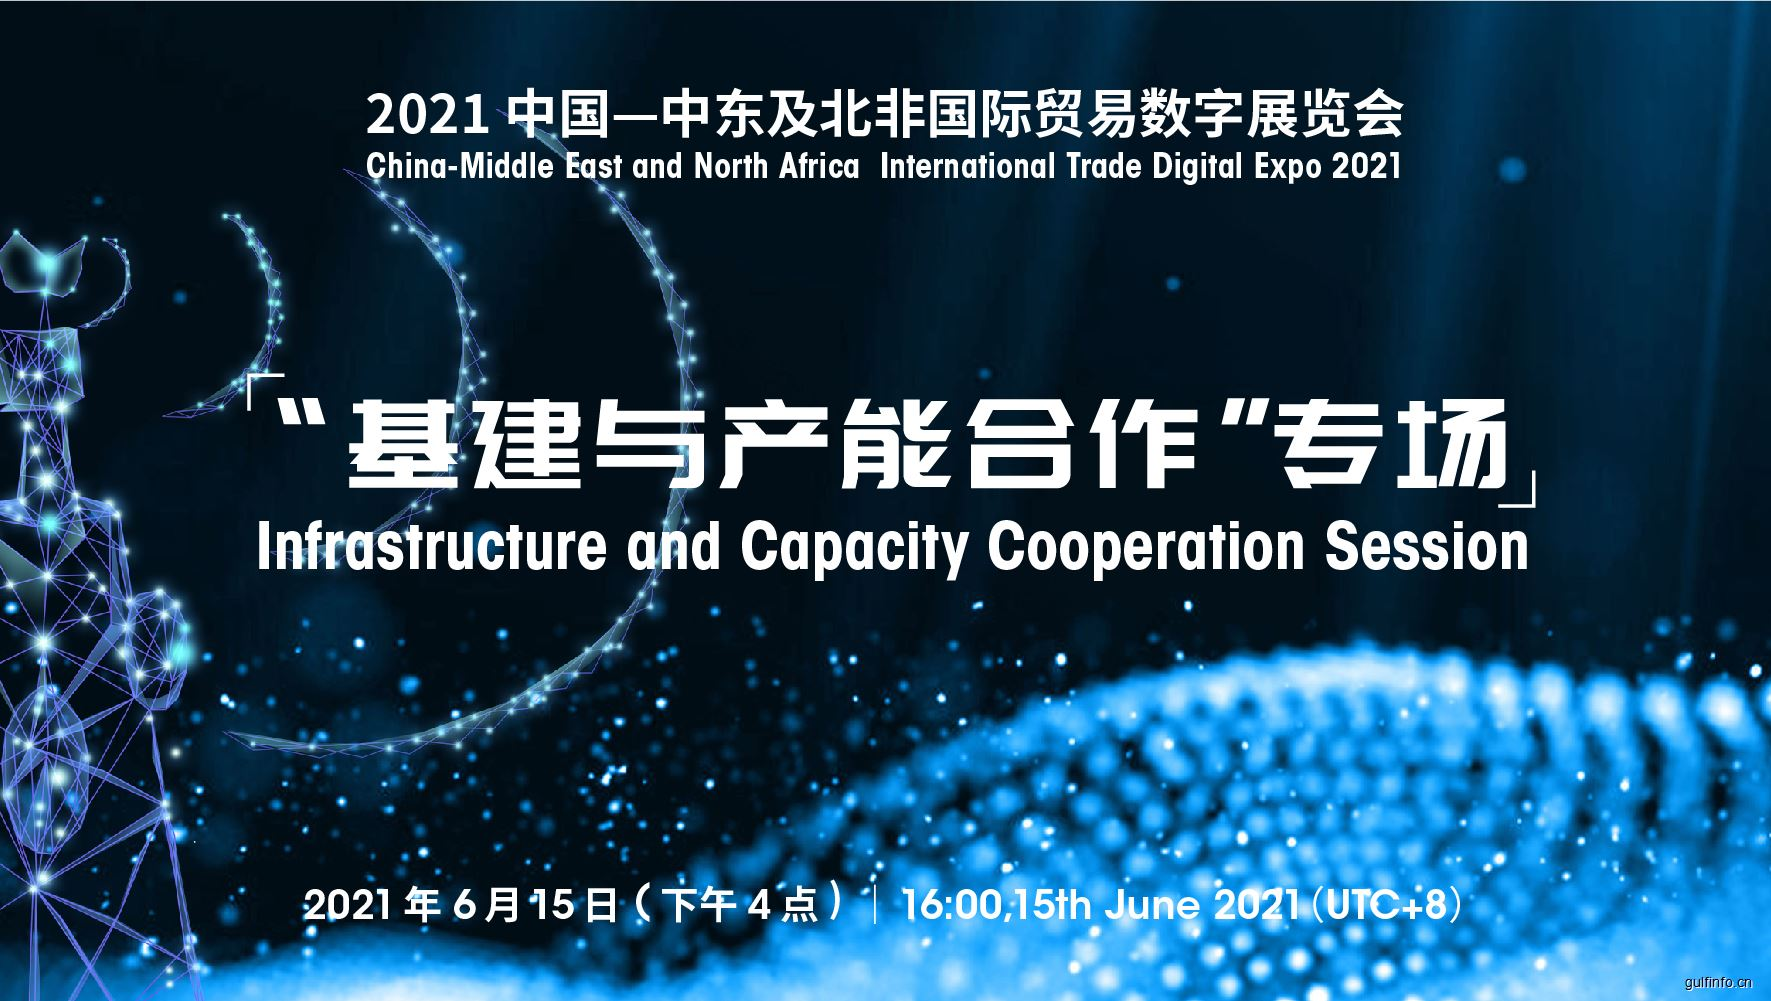 """""""2021年中国—中东及北非国际贸易数字展""""首场对接会""""基建与产能合作""""专场在线举办"""